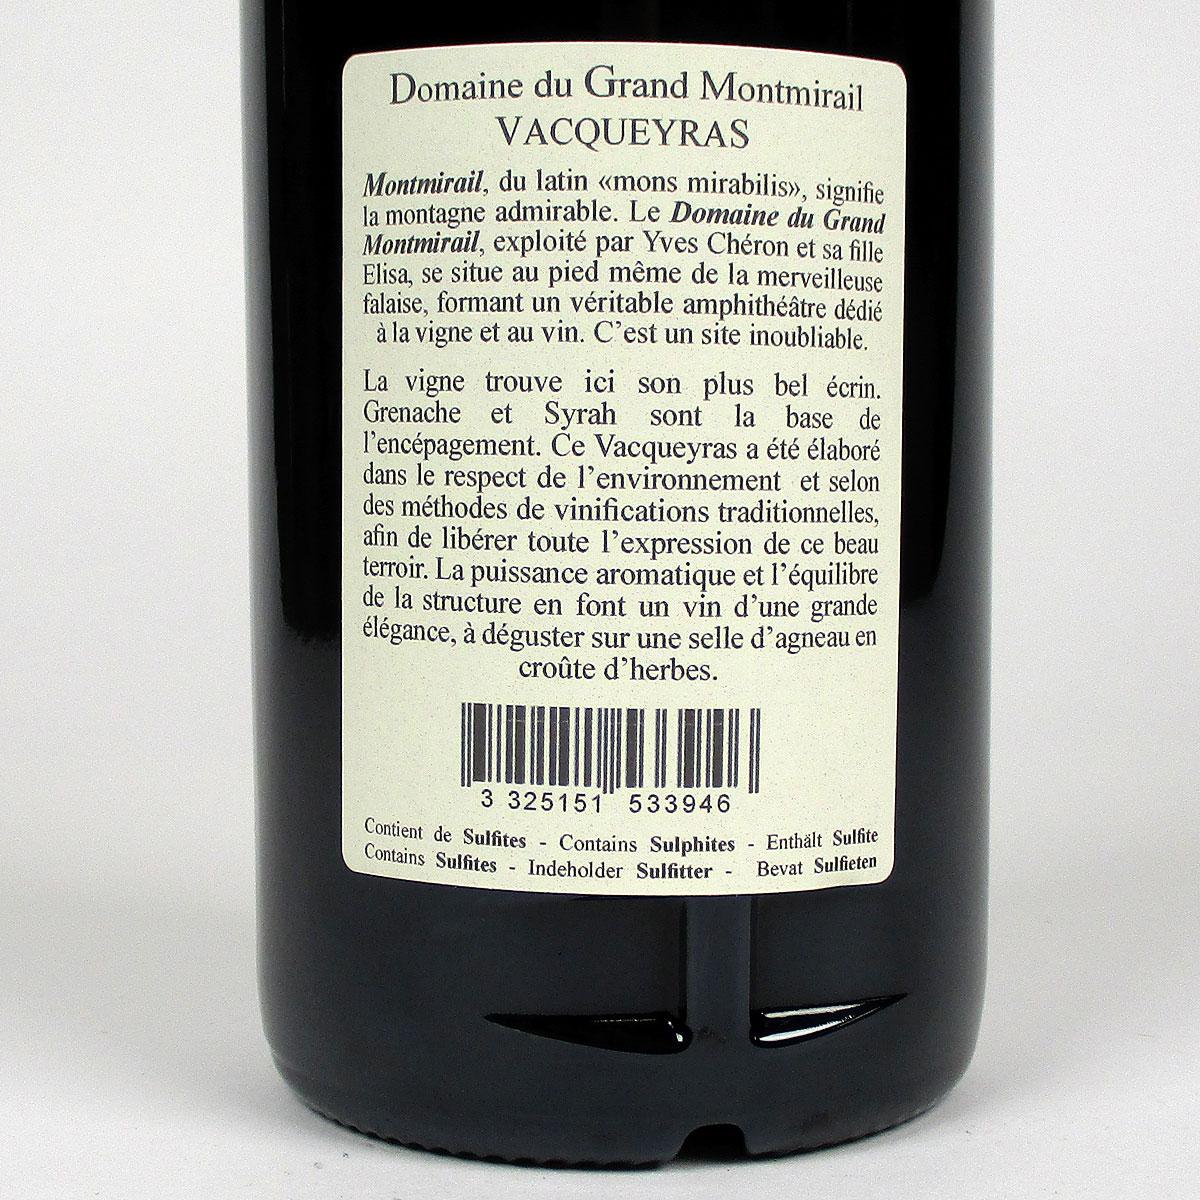 Vacqueyras: Domaine du Grand Montmirail 2019 - Bottle Rear Label